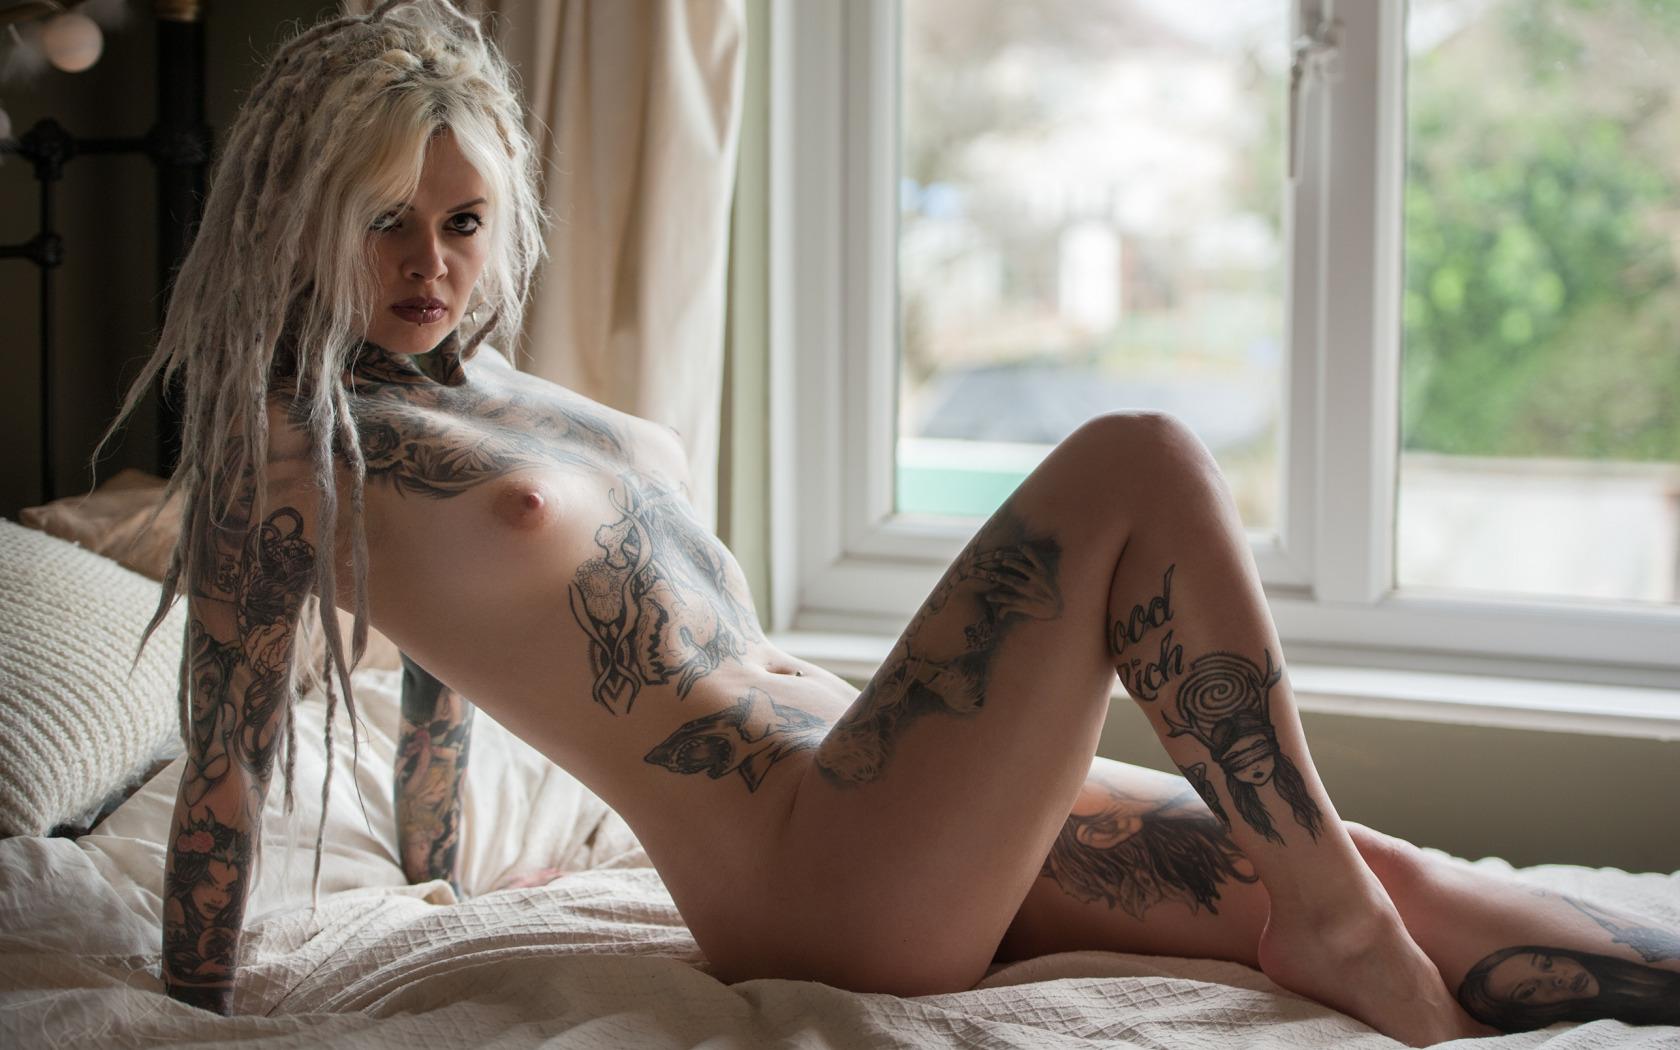 Naked extreme tattoo girls #9